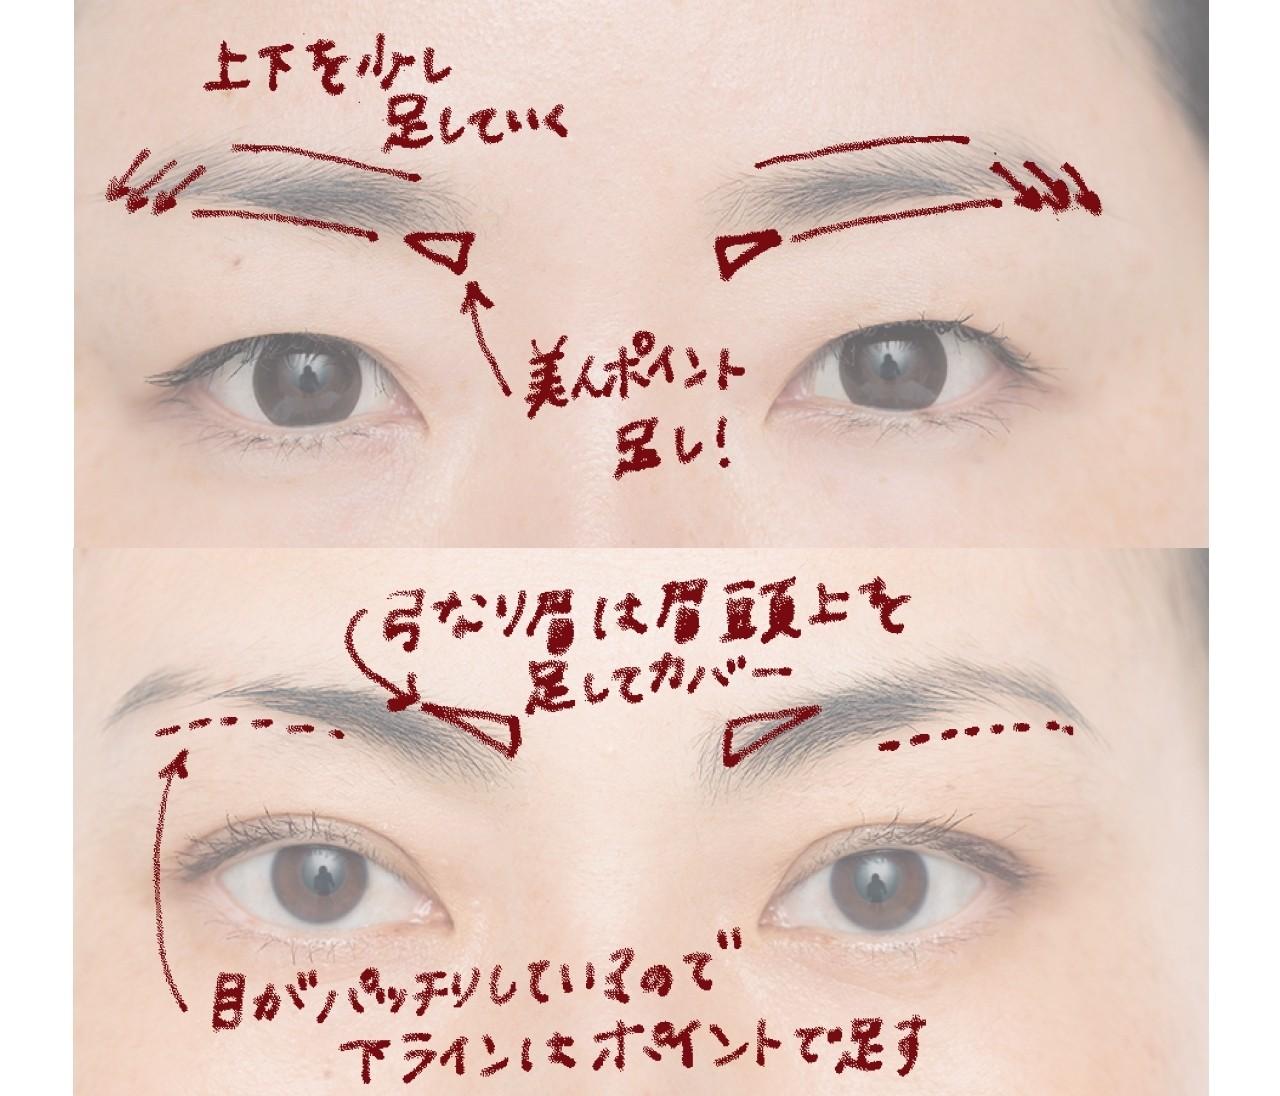 「毛はあるけど足りない」眉毛の整え方【長井かおりさんの赤ペン眉講座】